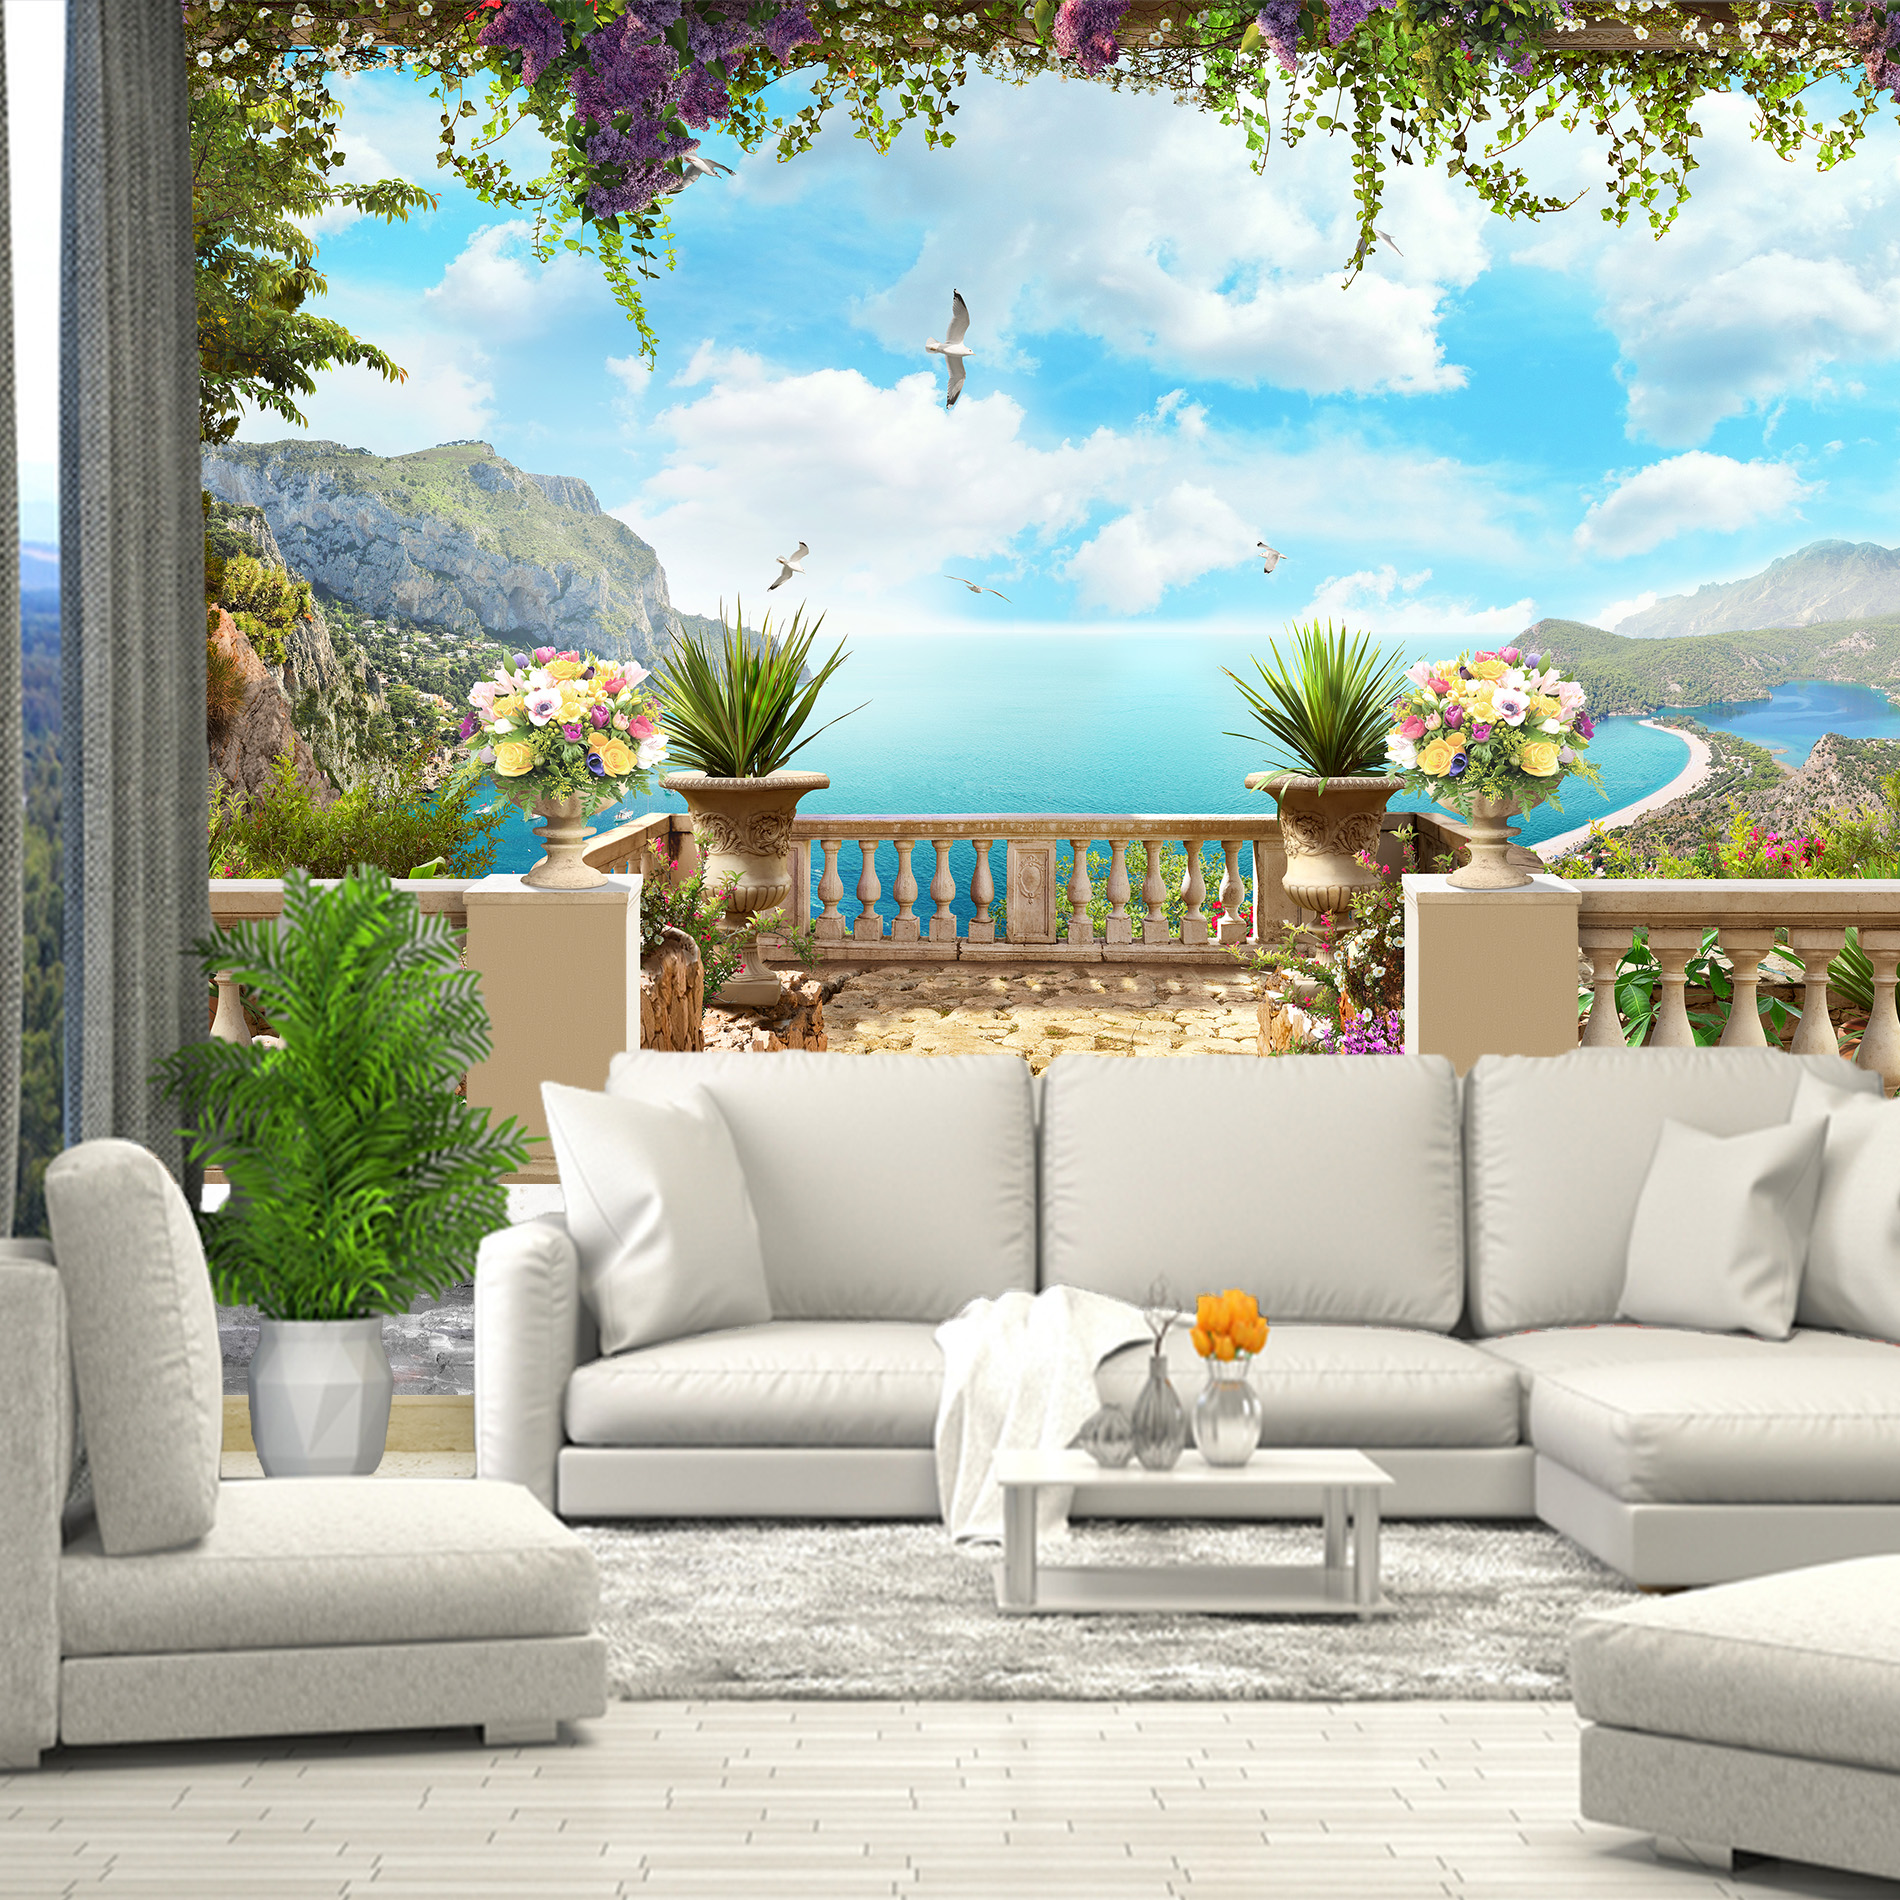 3D Photo papier peint mural ciel de mer papier peint sur le mur, hall, cuisine, chambre, enfants, photo papier peint améliorer l'espace